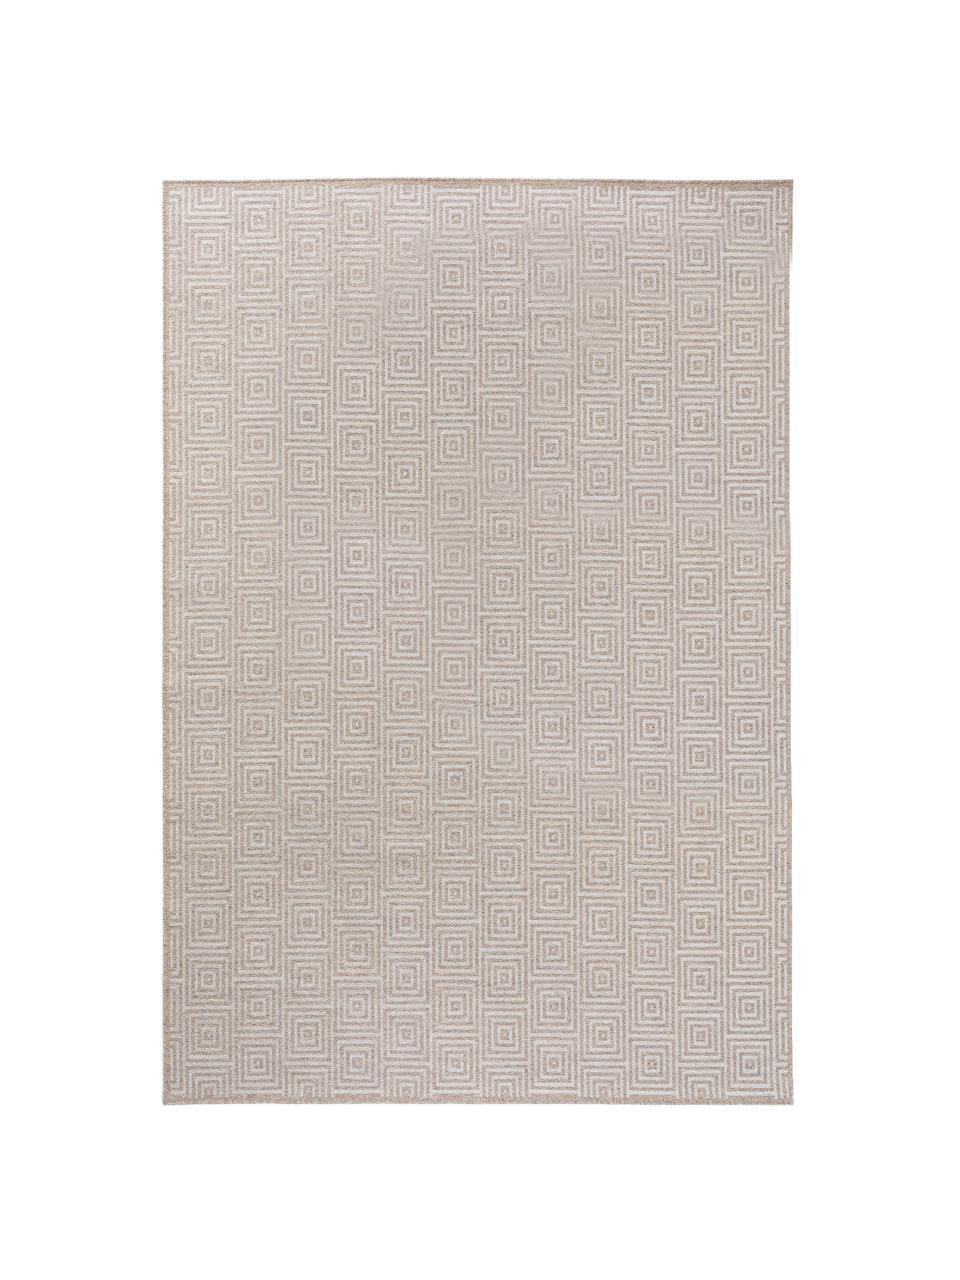 Wollen vloerkleed Jacob met grafisch patroon in beige/lichtgrijs, 70% wol, 30% viscose Bij wollen vloerkleden kunnen vezels loskomen in de eerste weken van gebruik, dit neemt af door dagelijks gebruik en pluizen wordt verminderd., Lichtgrijs, beige, B 240 x L 340 cm (Maat XL)